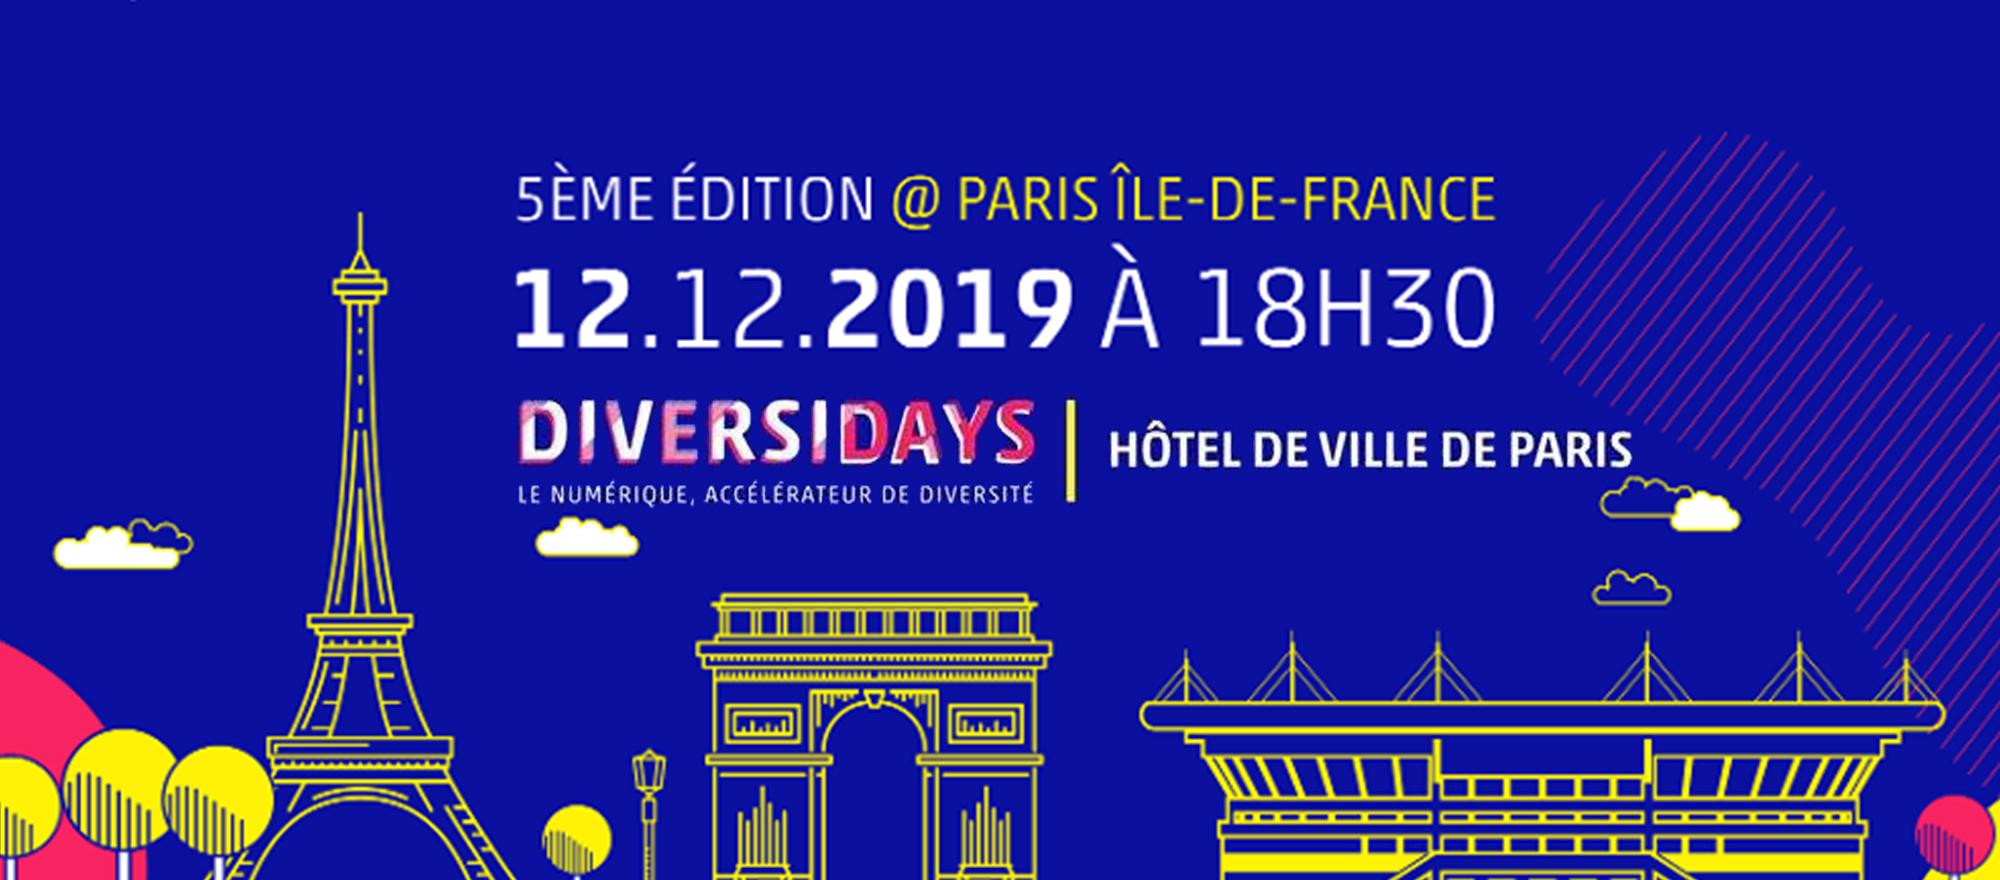 diversidays 2019